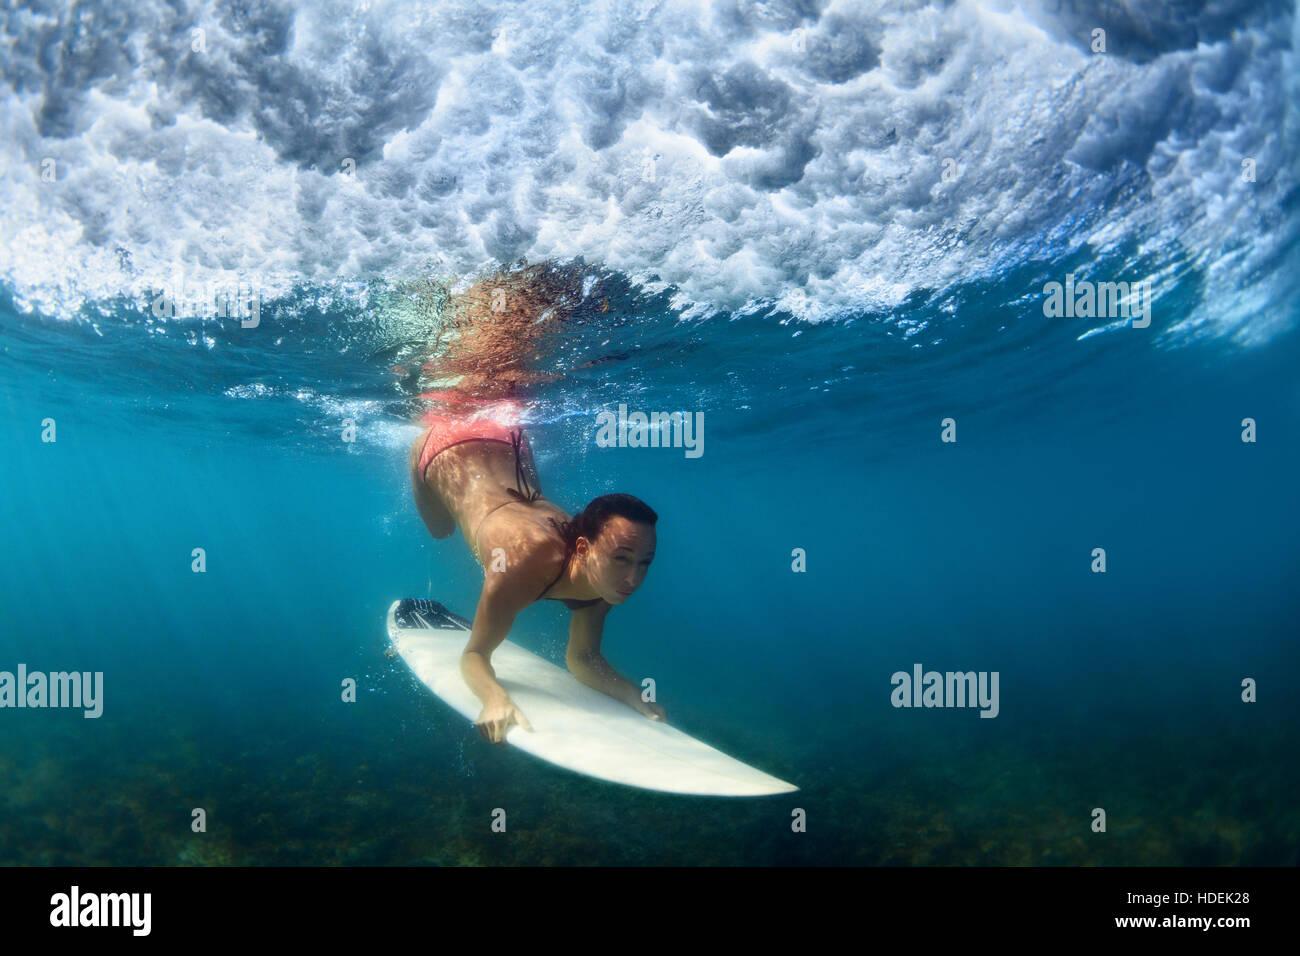 Mädchen im Bikini in Surf-Action. Surfer mit Surfbrett Tauchen unter Wasser unter extremen Wasser Sport Abenteuer Stockfoto